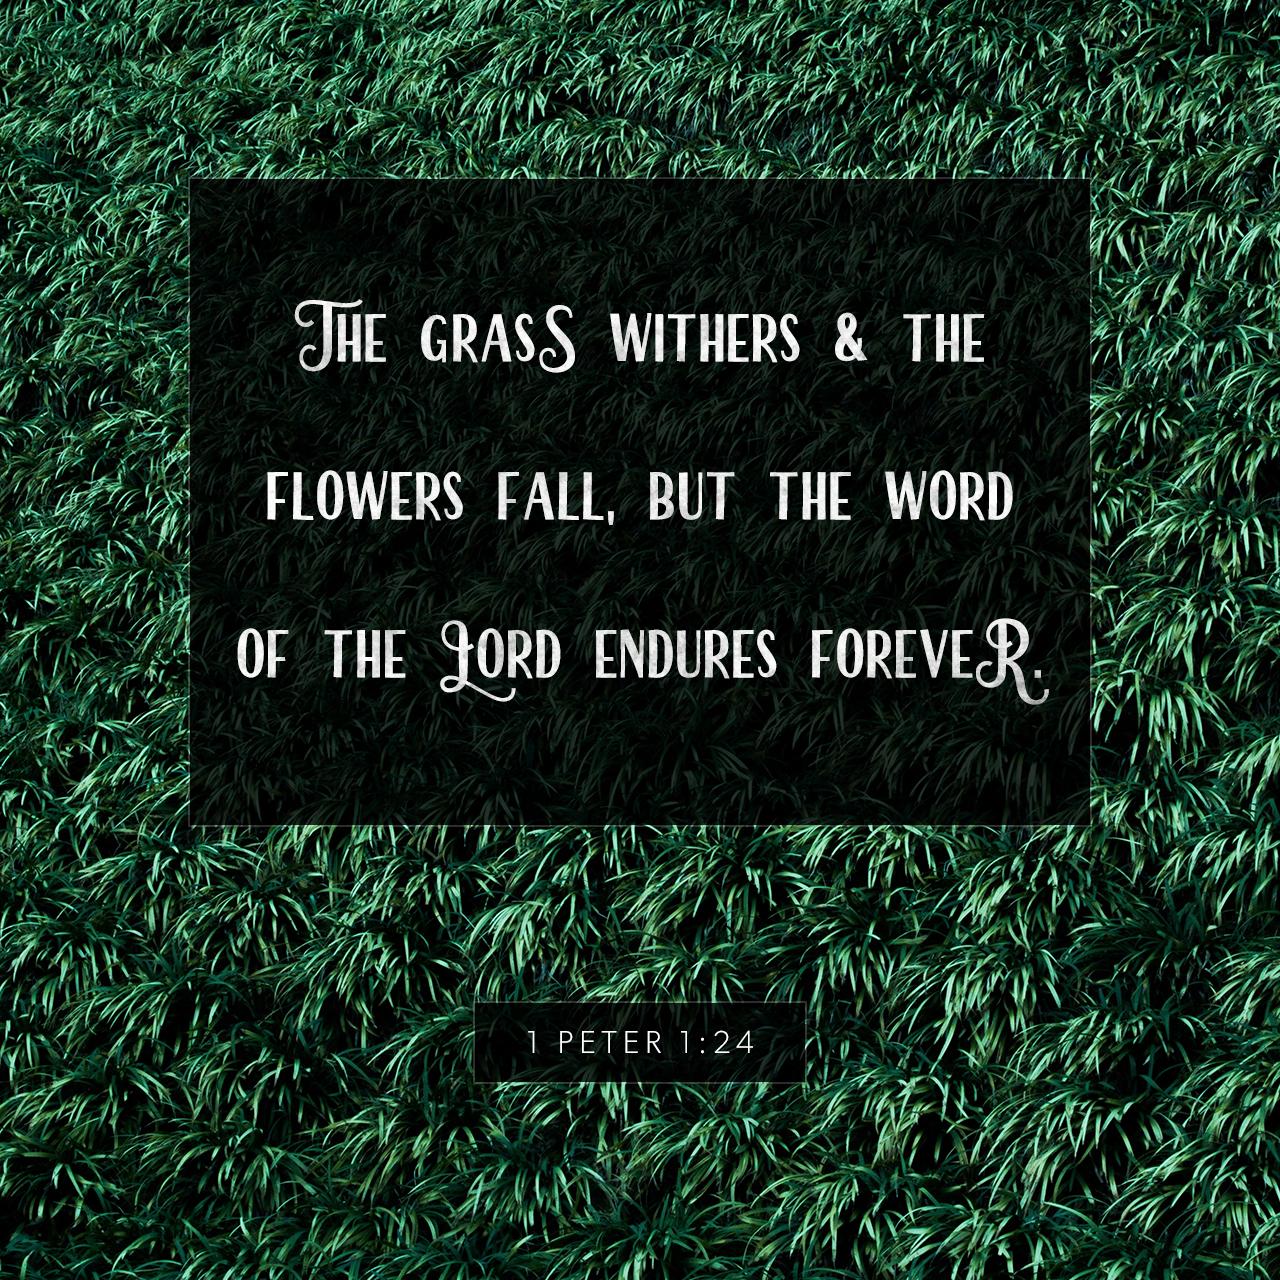 Lasting Forever